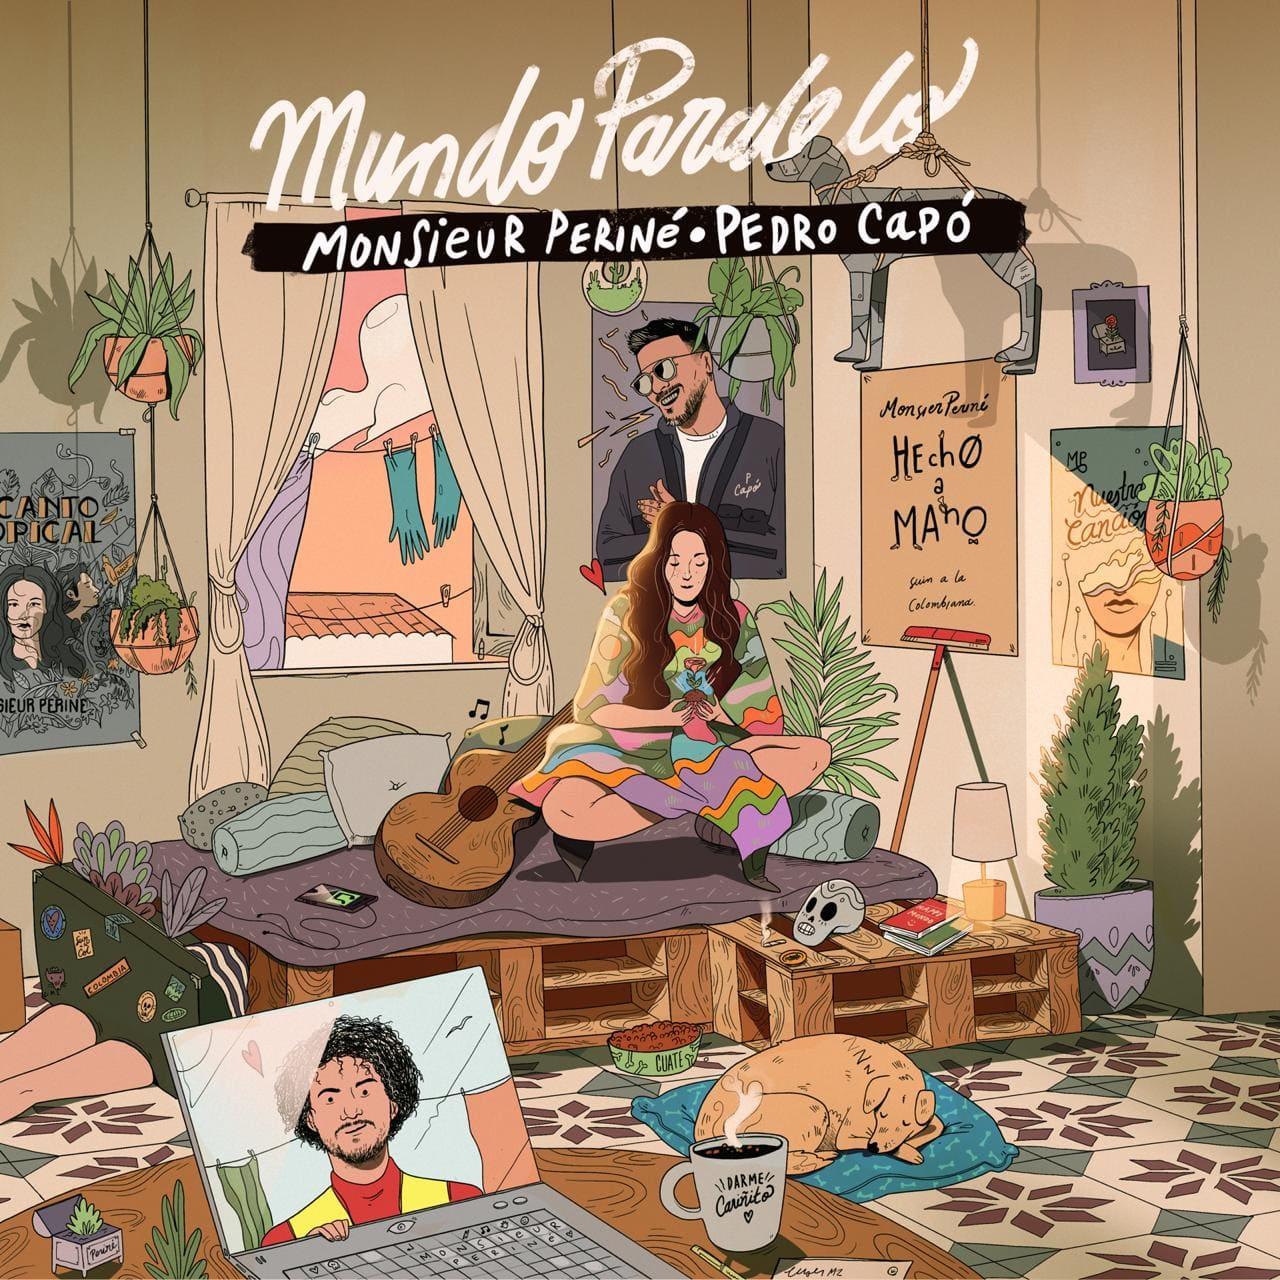 """Monsieur Periné lanza su nuevo sencillo musical """"MUNDO PARALELO"""""""